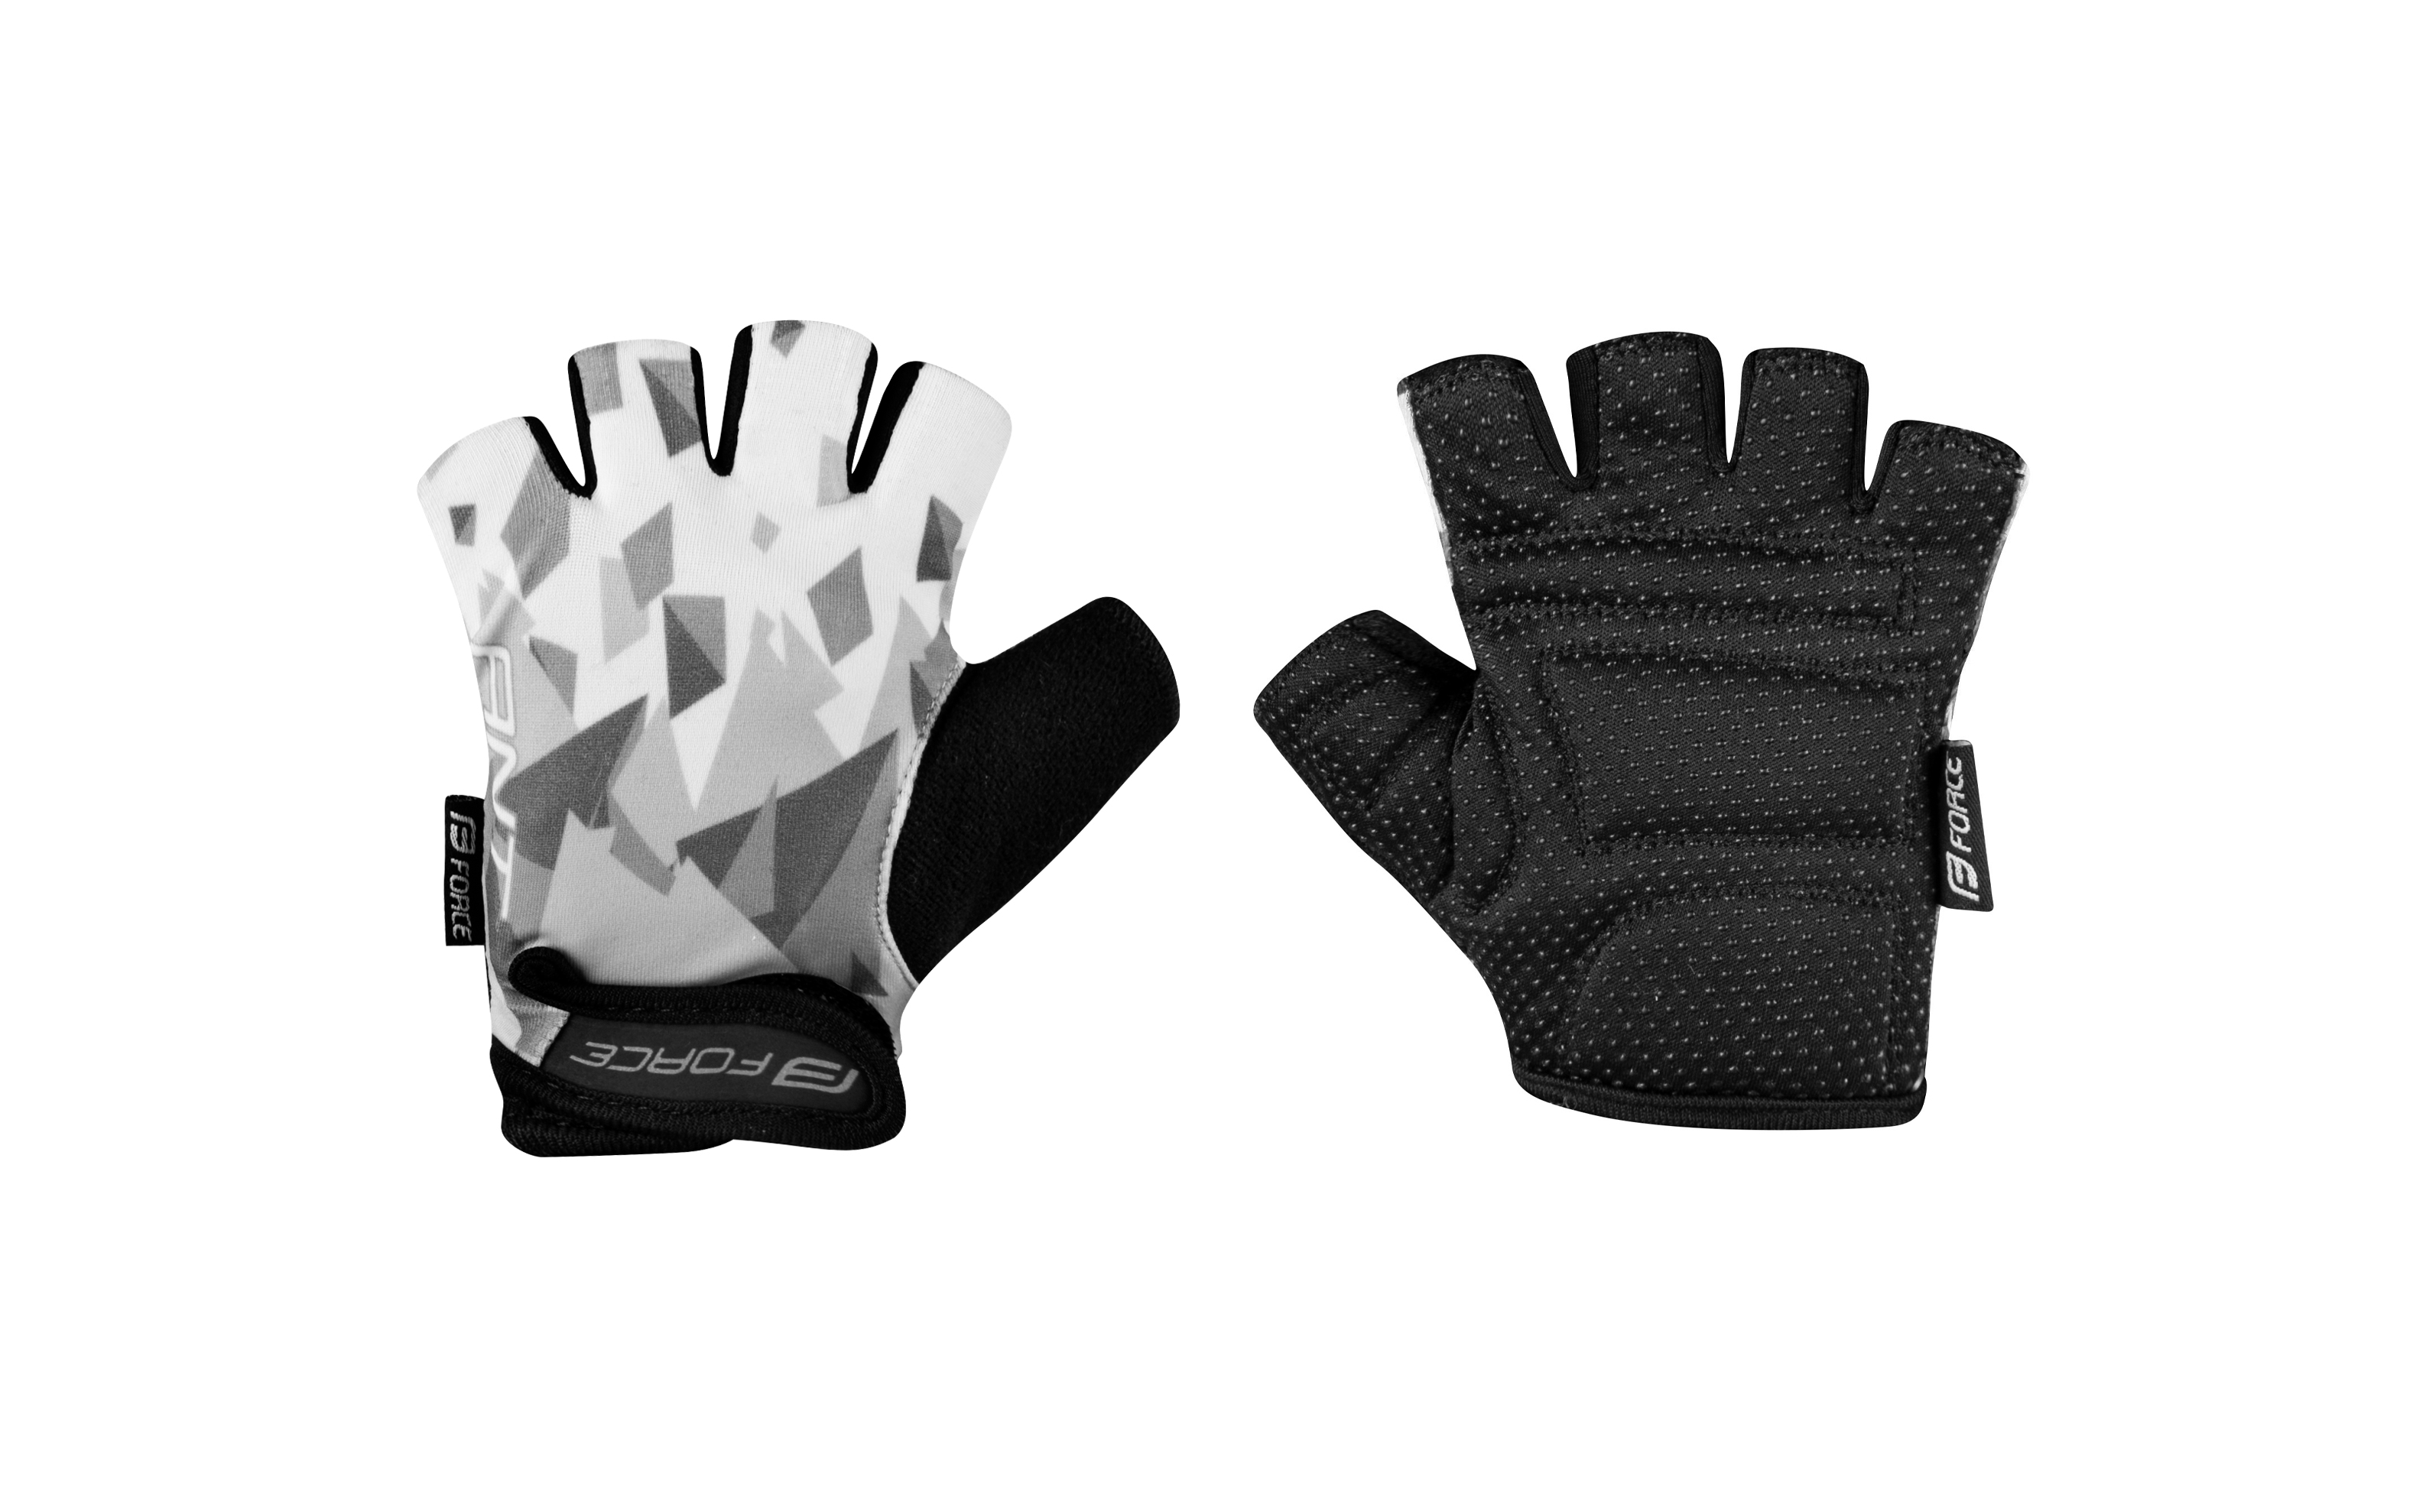 rukavice FORCE ANT dětské, šedo-bílé S